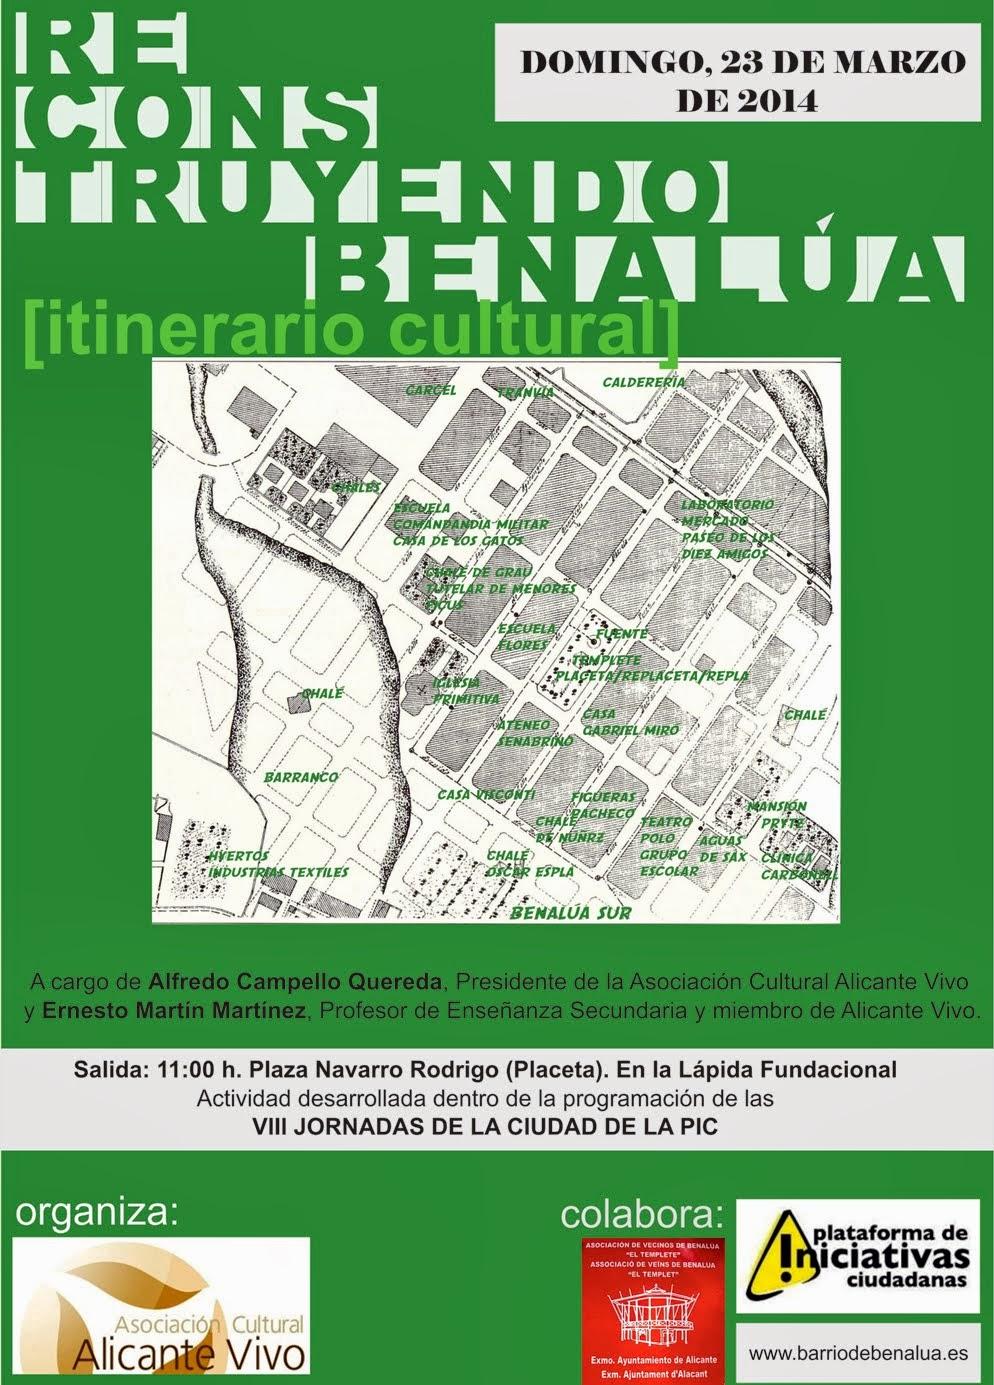 RECONSTRUYENDO BENALÚA (Itinerario cultural)